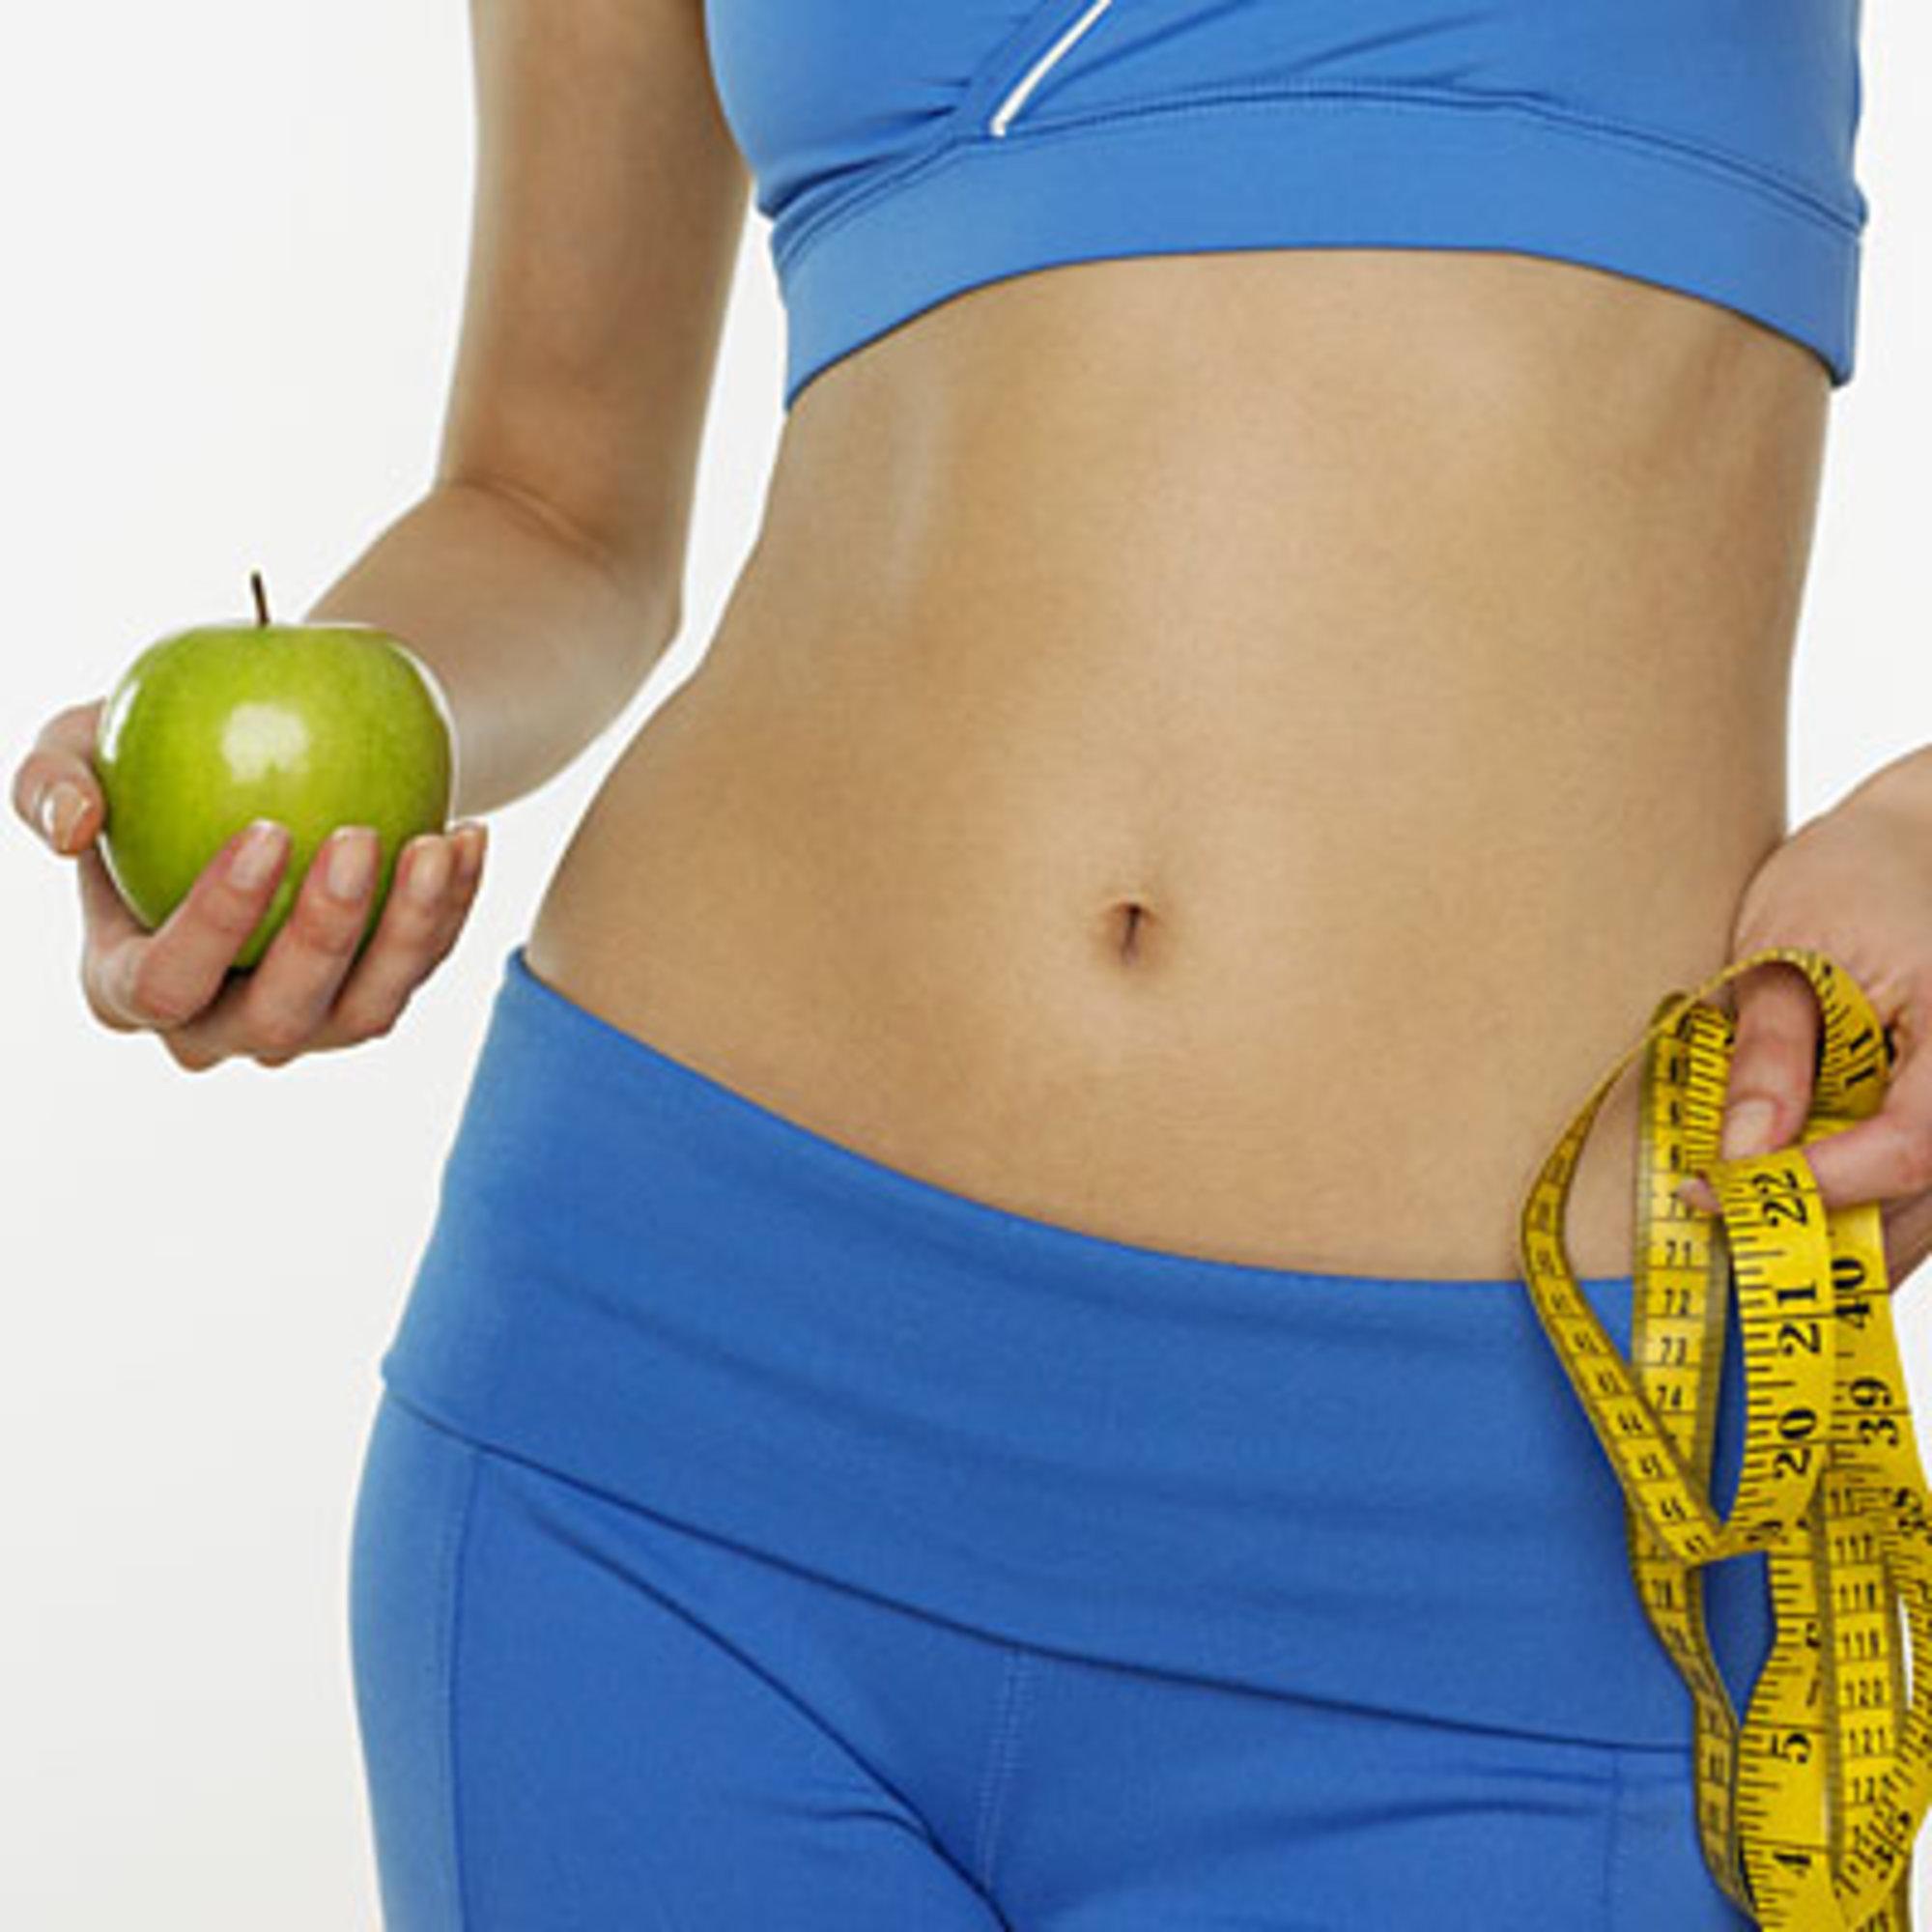 Диета Вместе Спортом. Правильное питание при занятиях фитнесом: план диеты на 12 недель для похудения